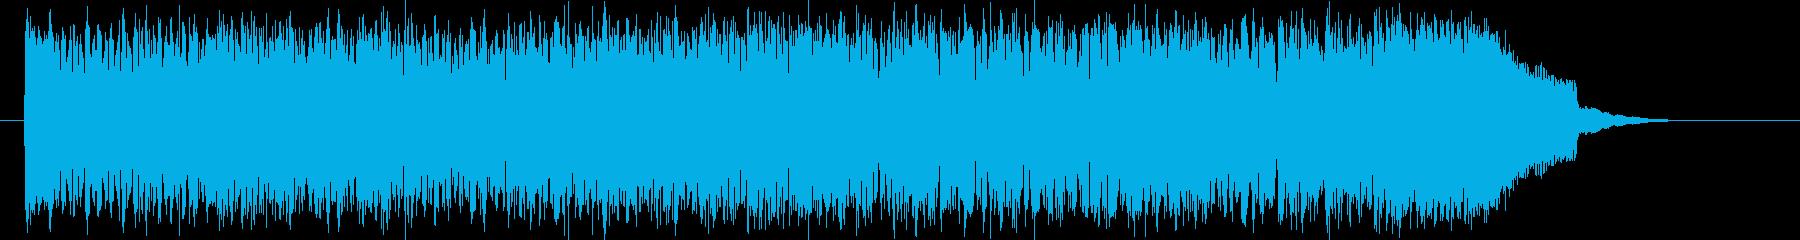 高揚感のあるテクノサウンドの再生済みの波形